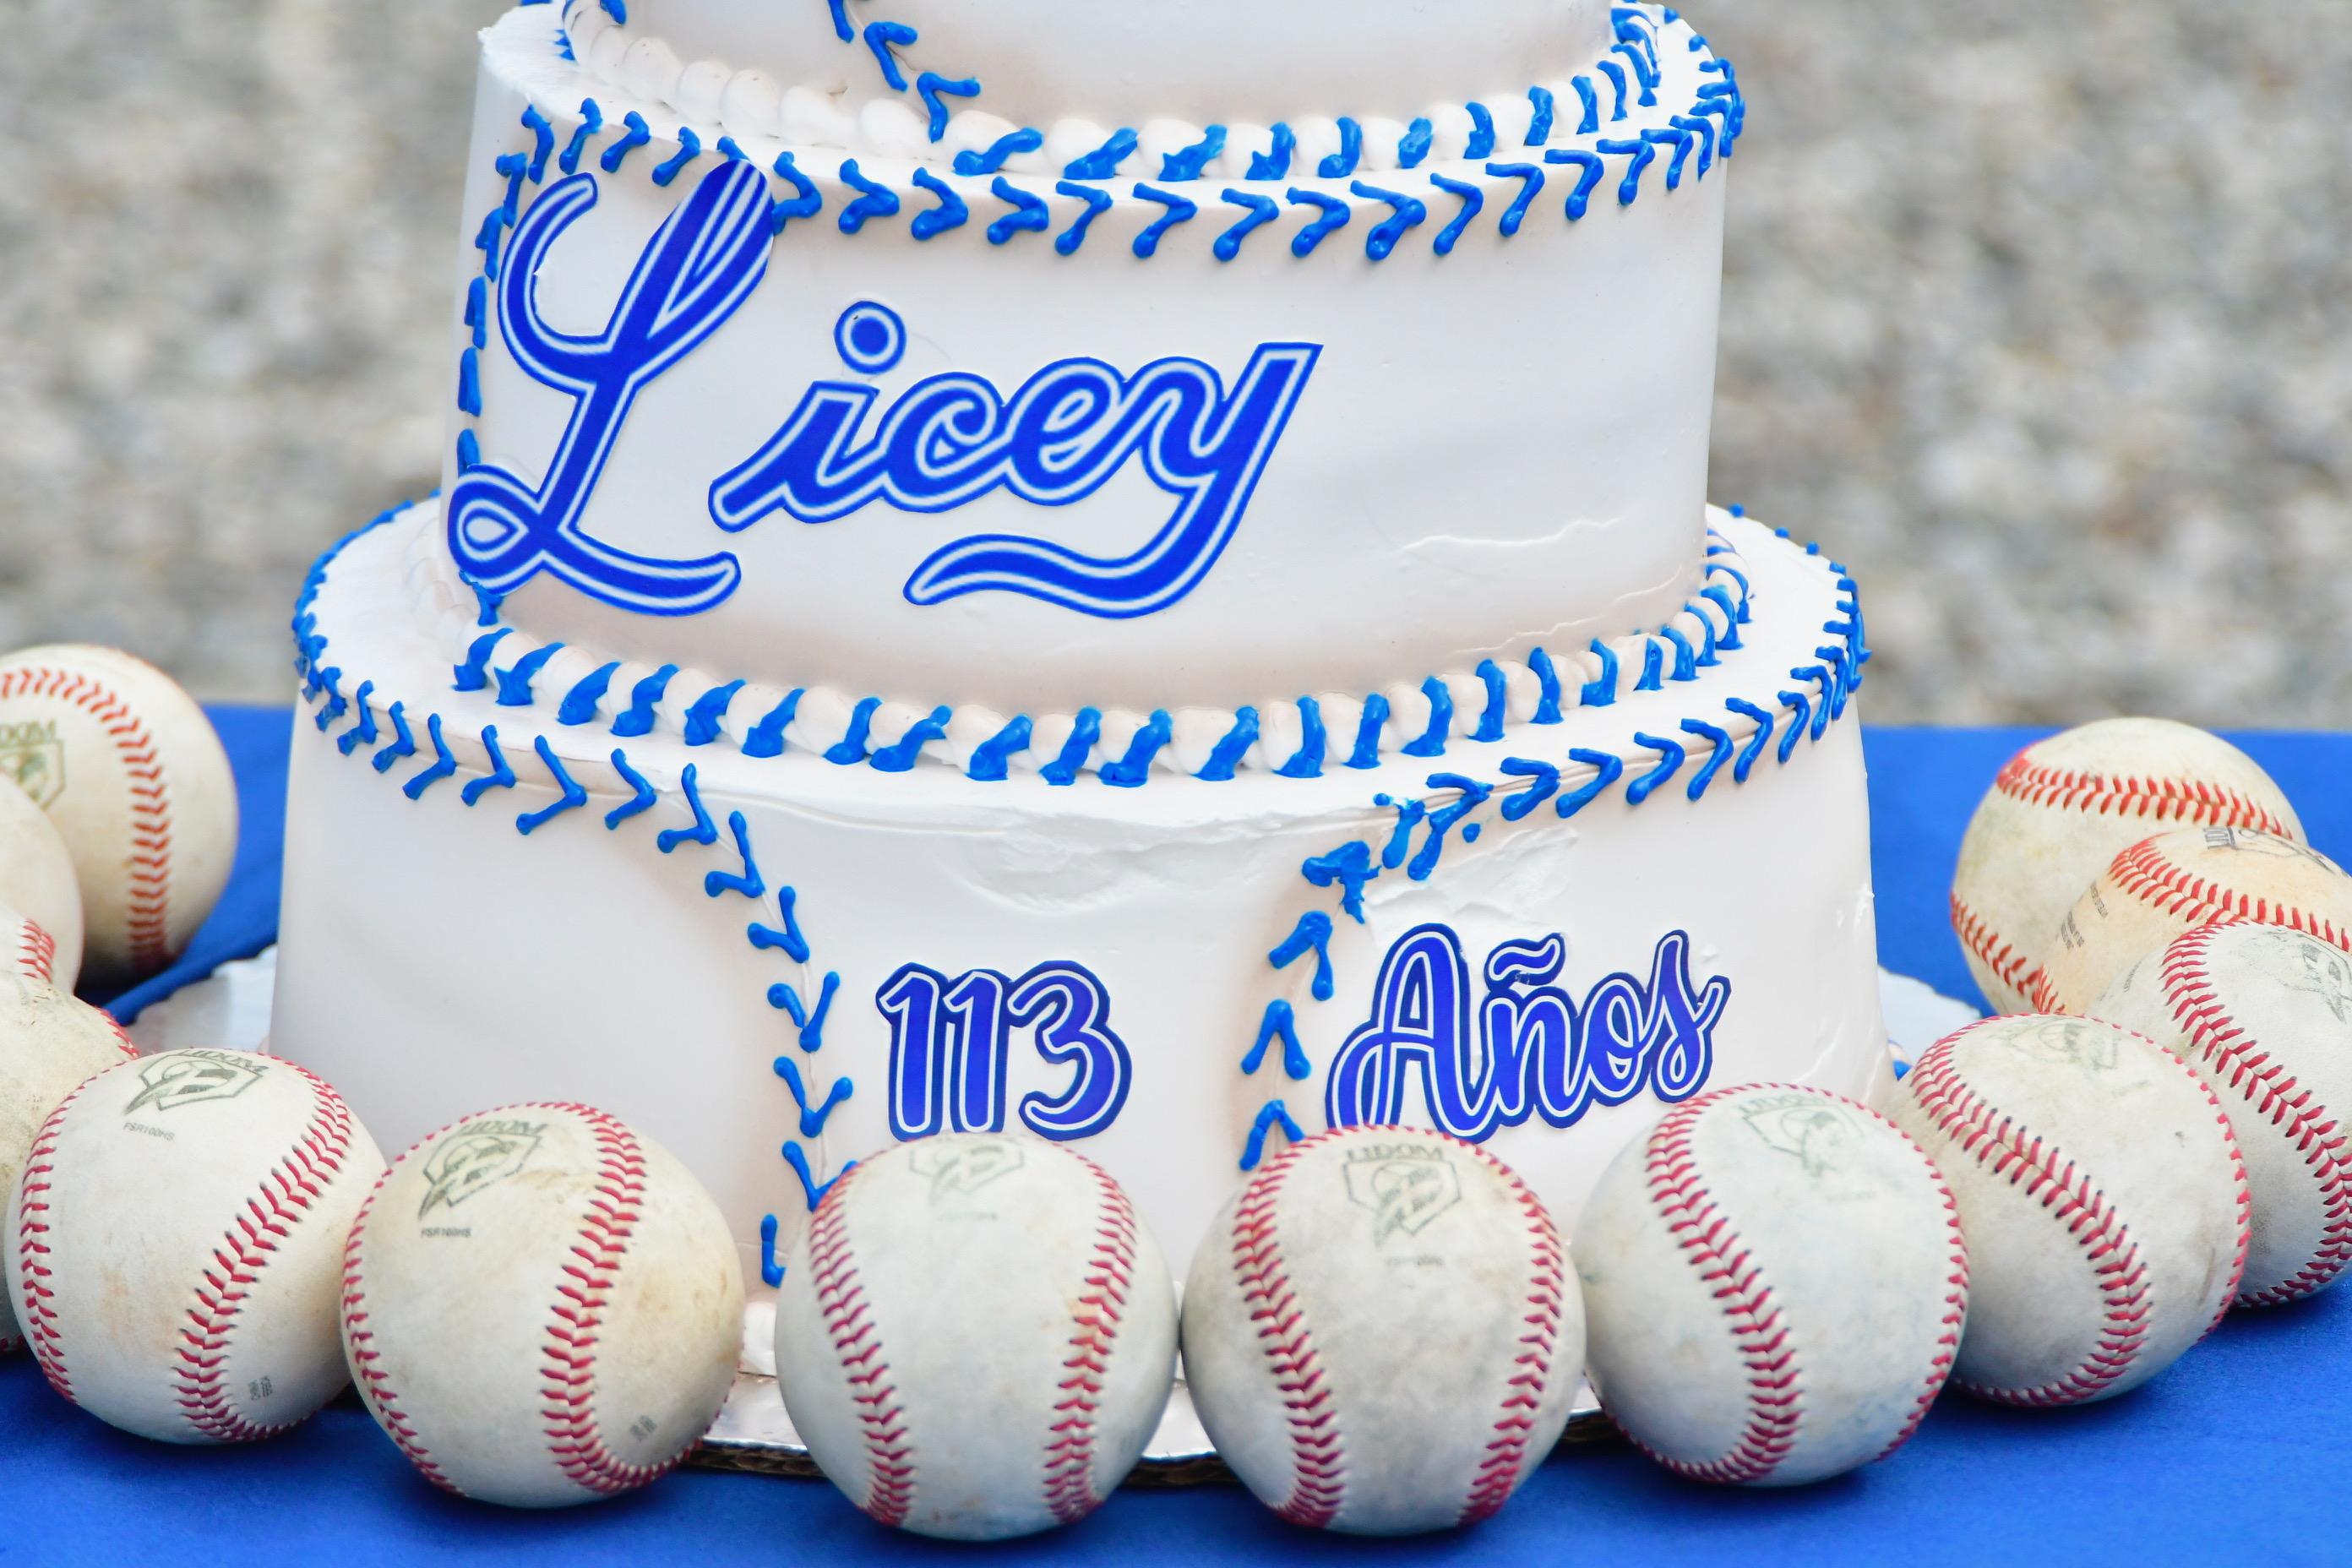 En 113 aniversario de Licey: una celebración simbólica